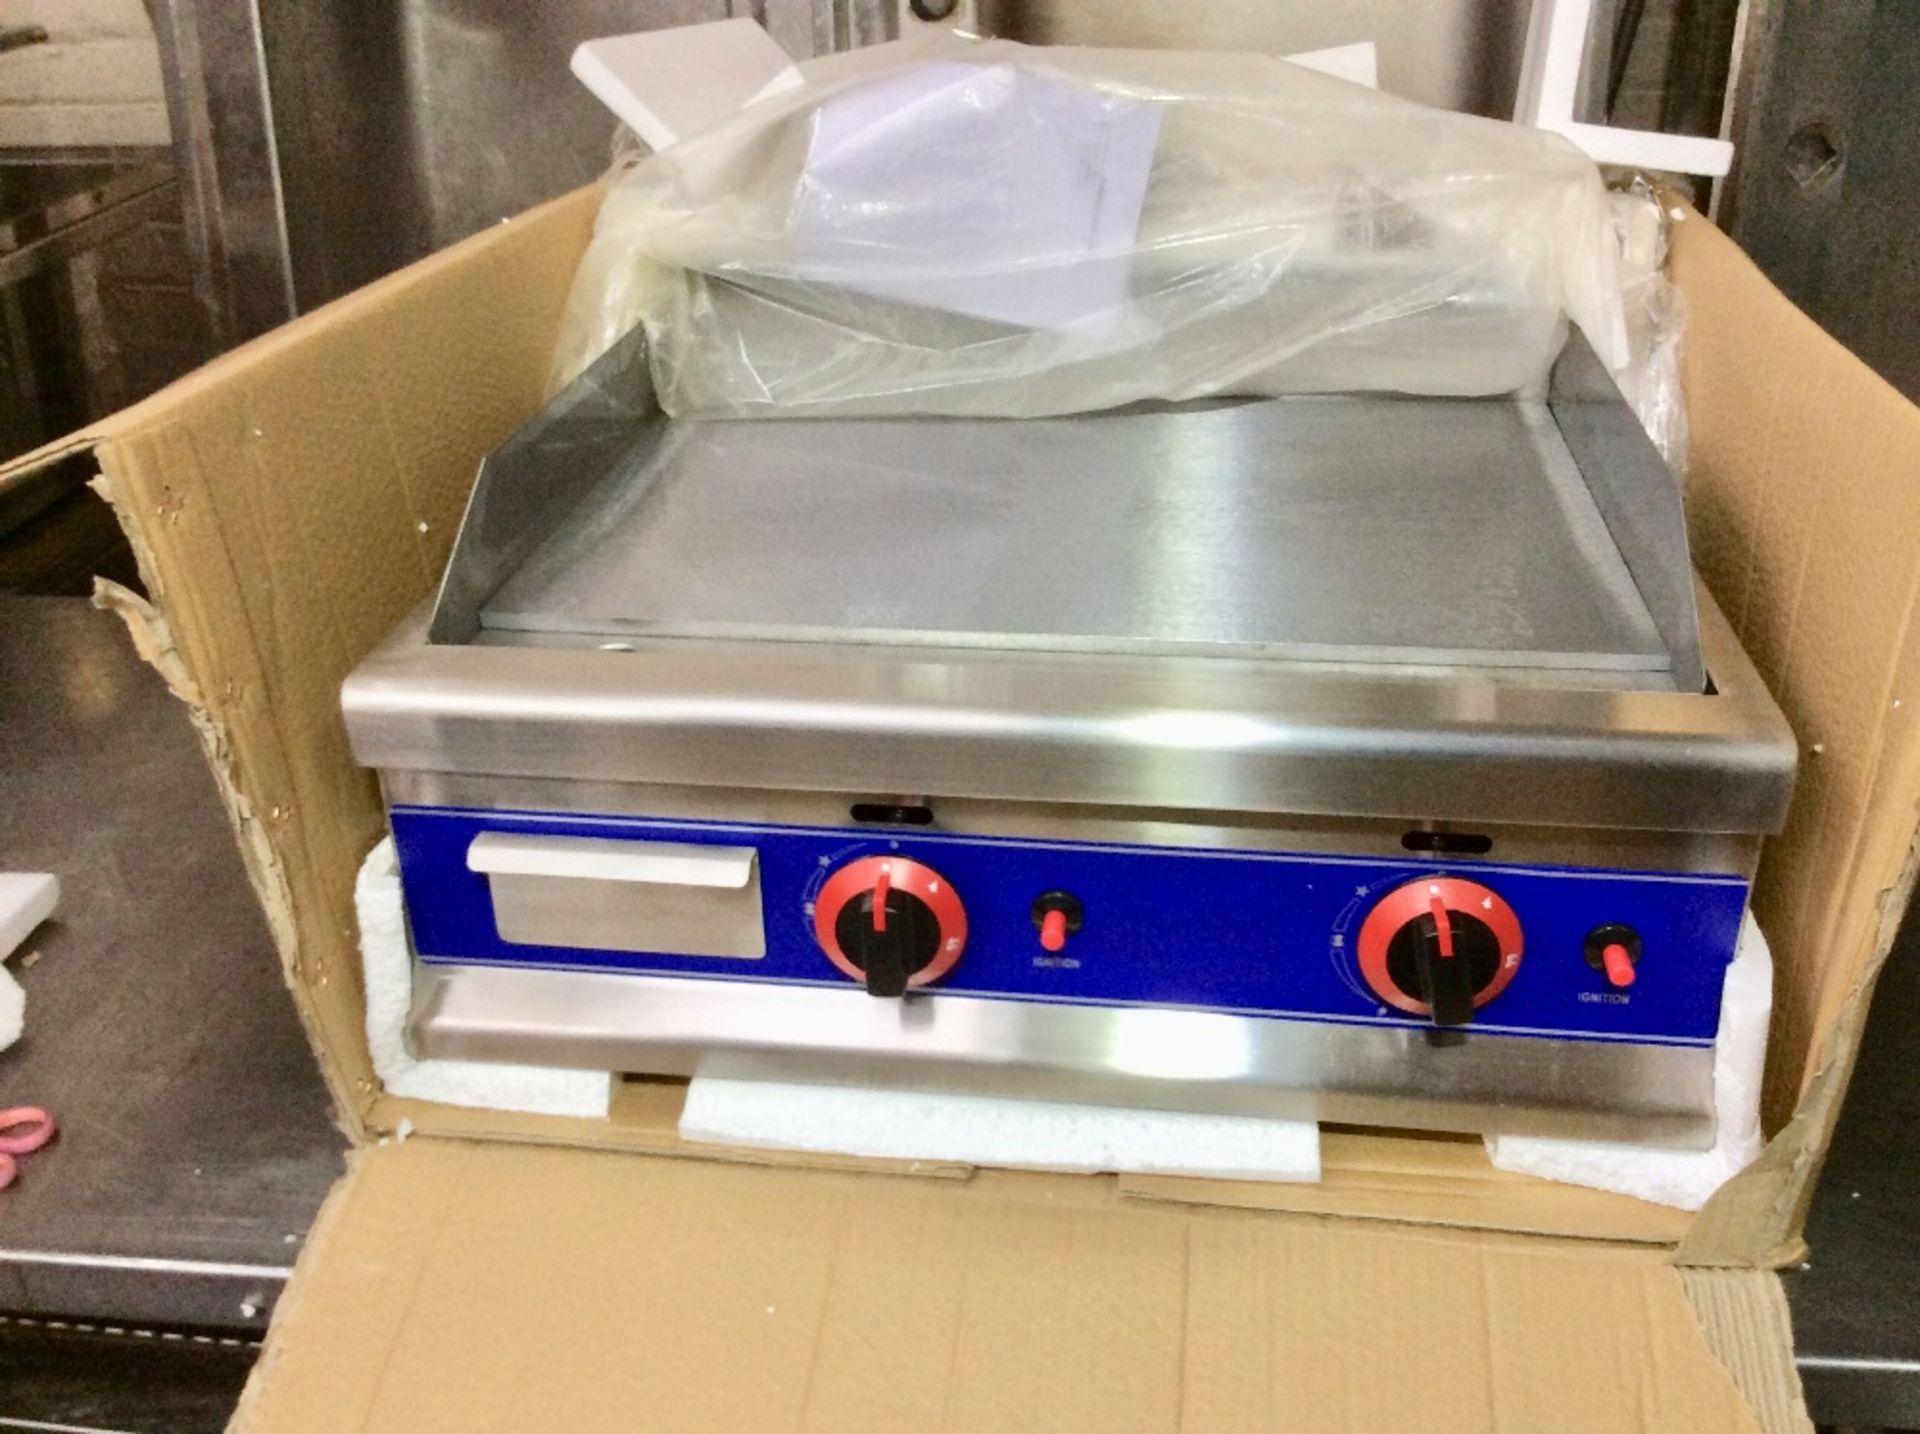 Lot 15 - New & Boxed 2 Burner Gas Griddle / Hot Plate – NO VAT